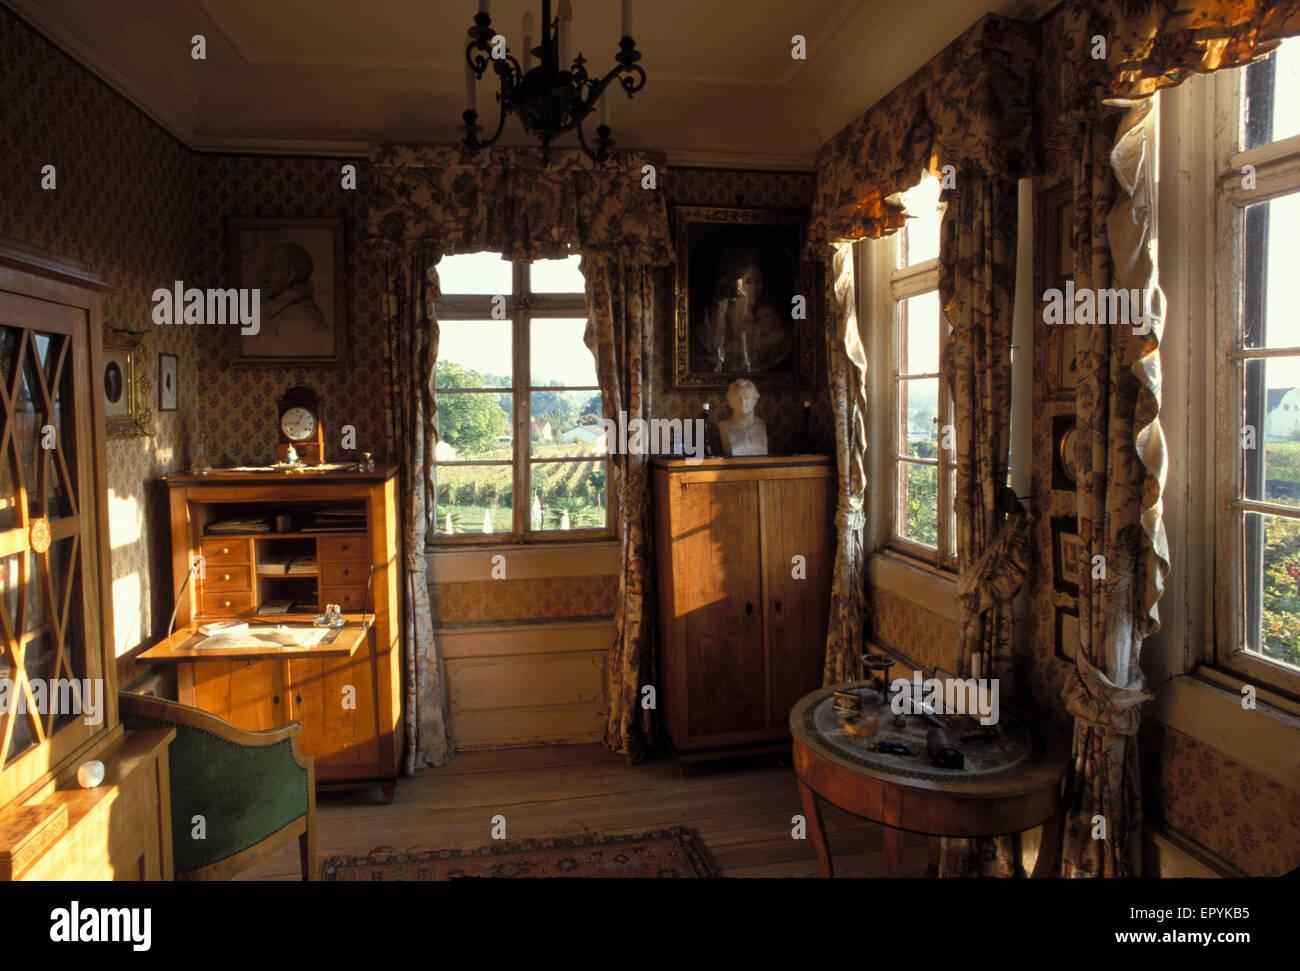 DEU, Germany, Oestrich Winkel, The Goethe Room At The Brentano House,